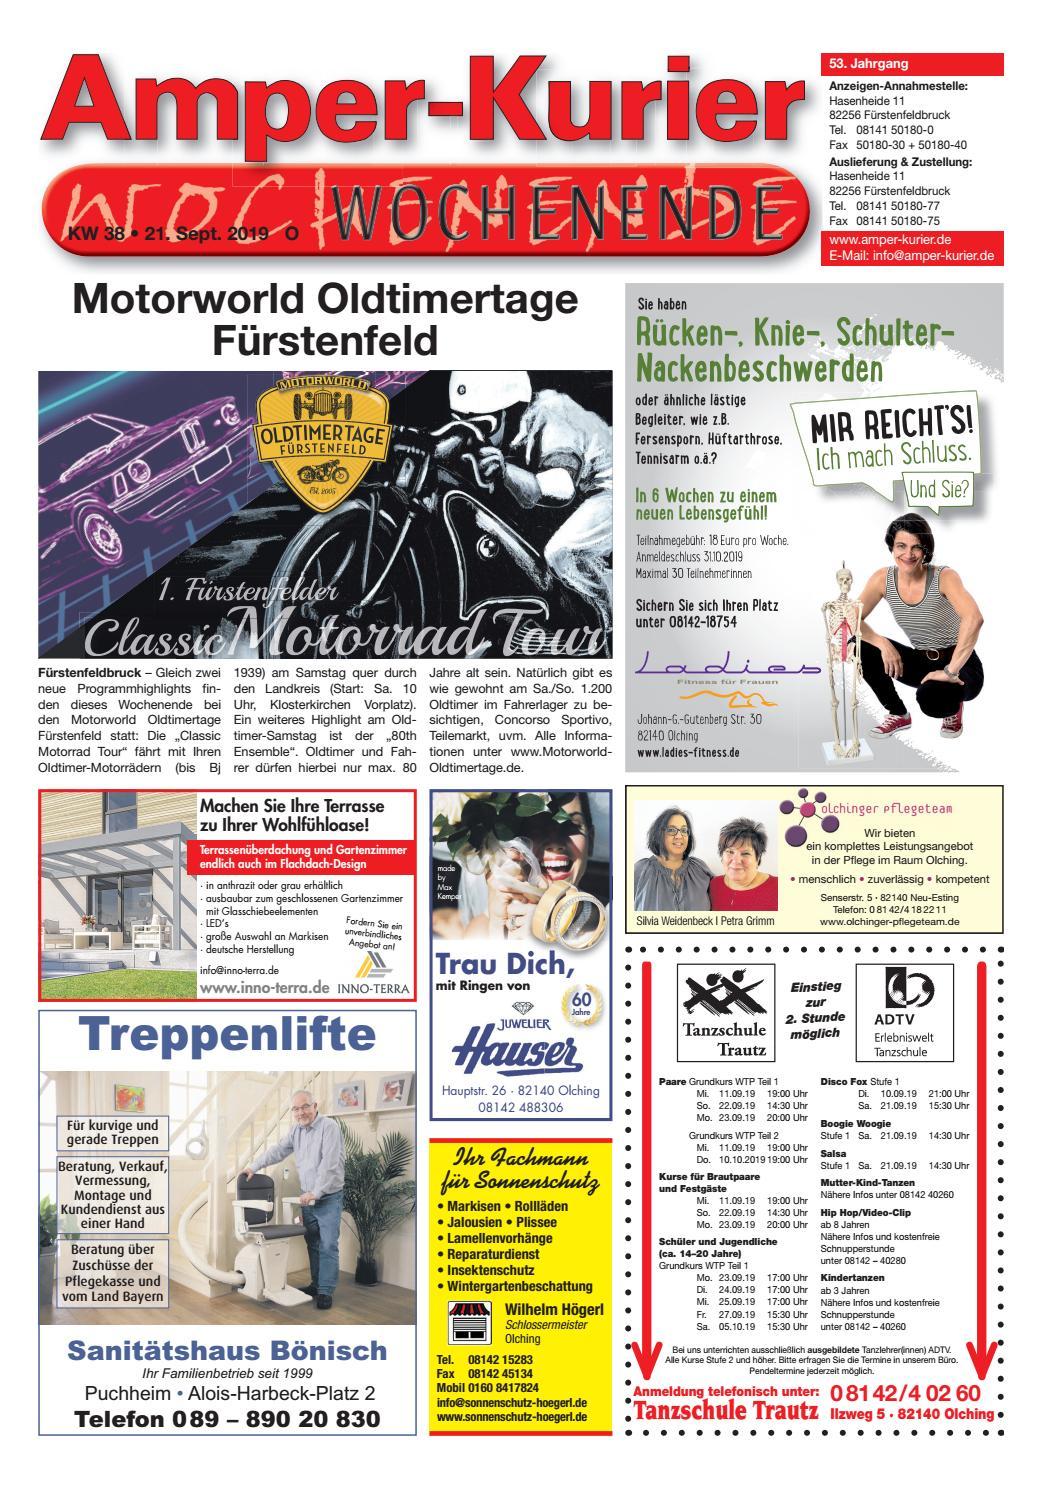 Full Size of Amper Kurier Online By Datech Bauhaus Fenster Wohnzimmer Bauhaus Gartenbrunnen